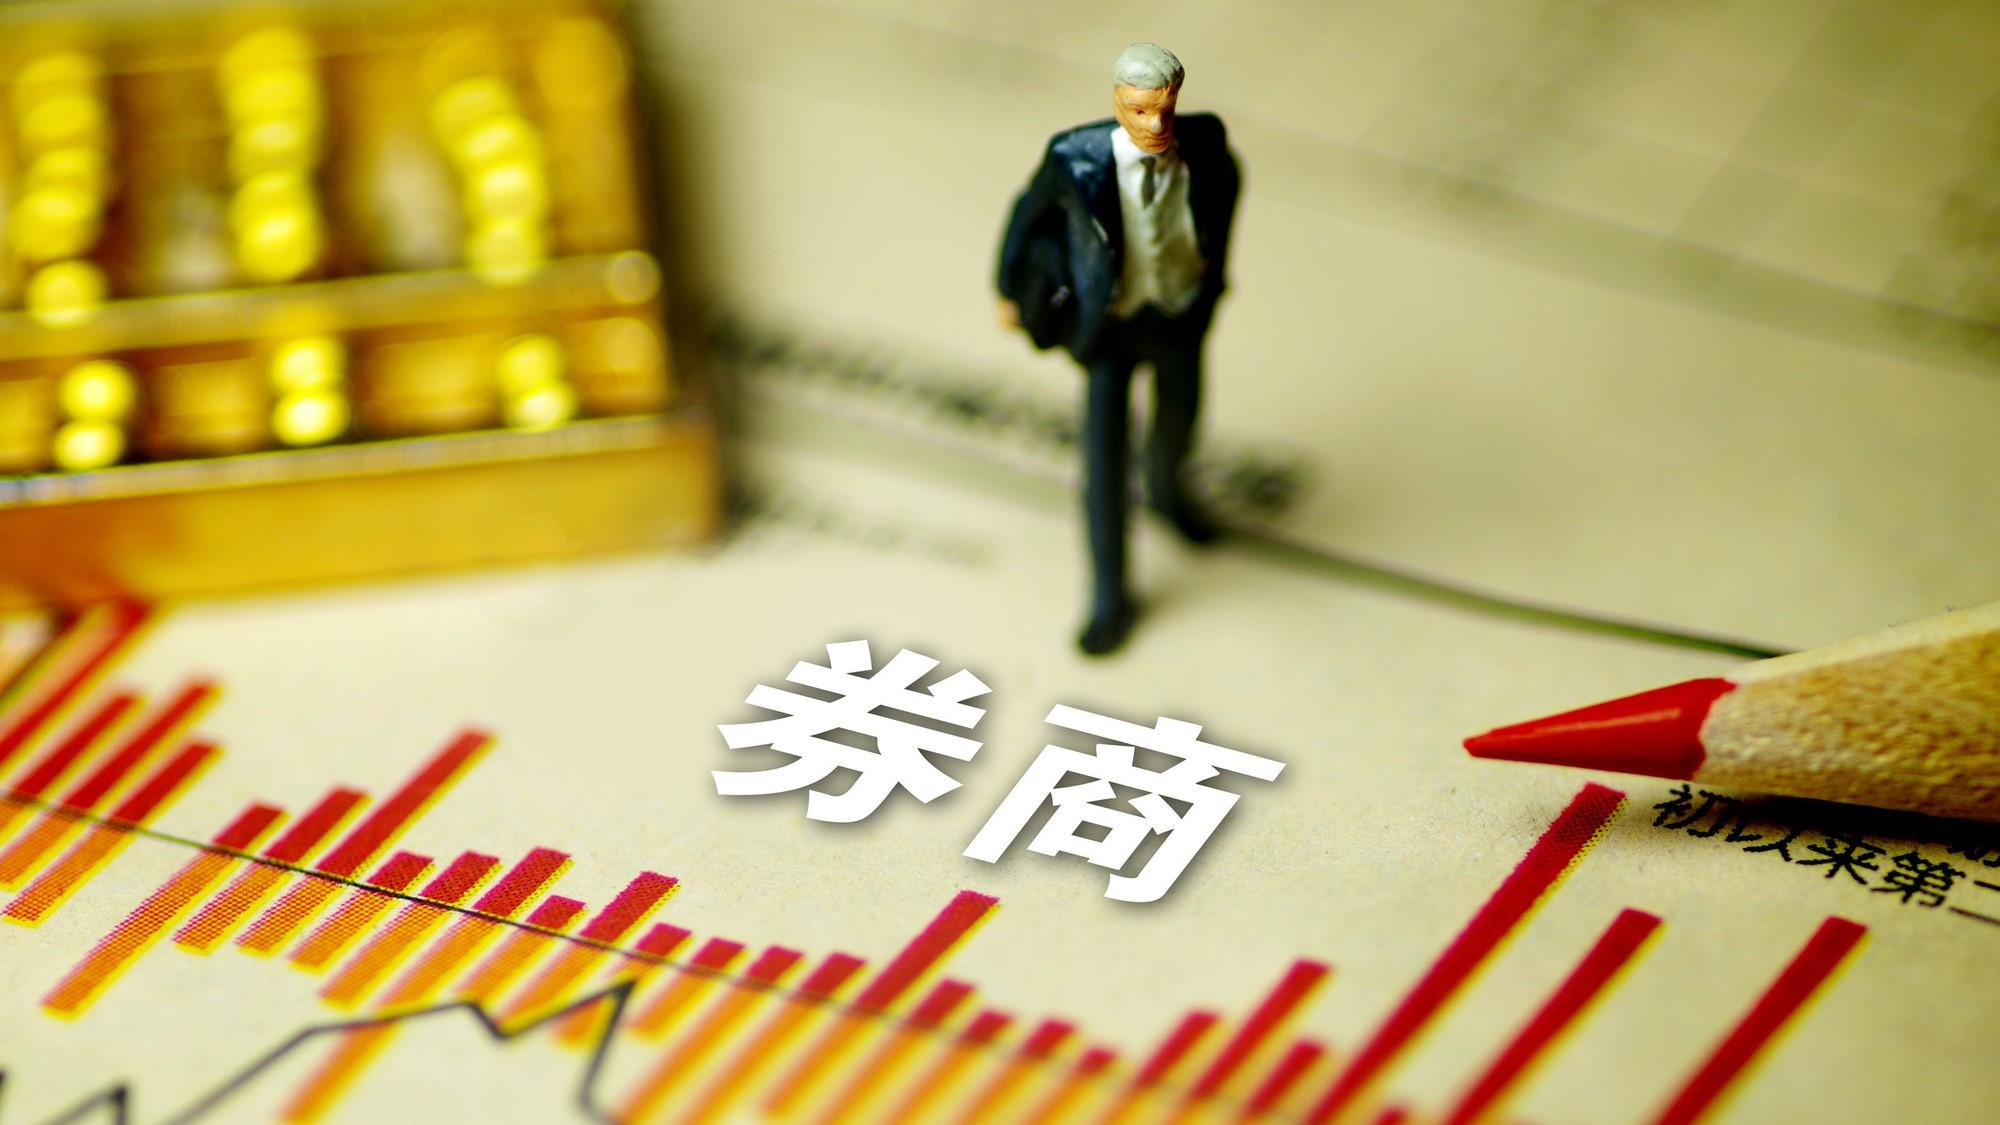 关于券商股投资的逻辑和方法